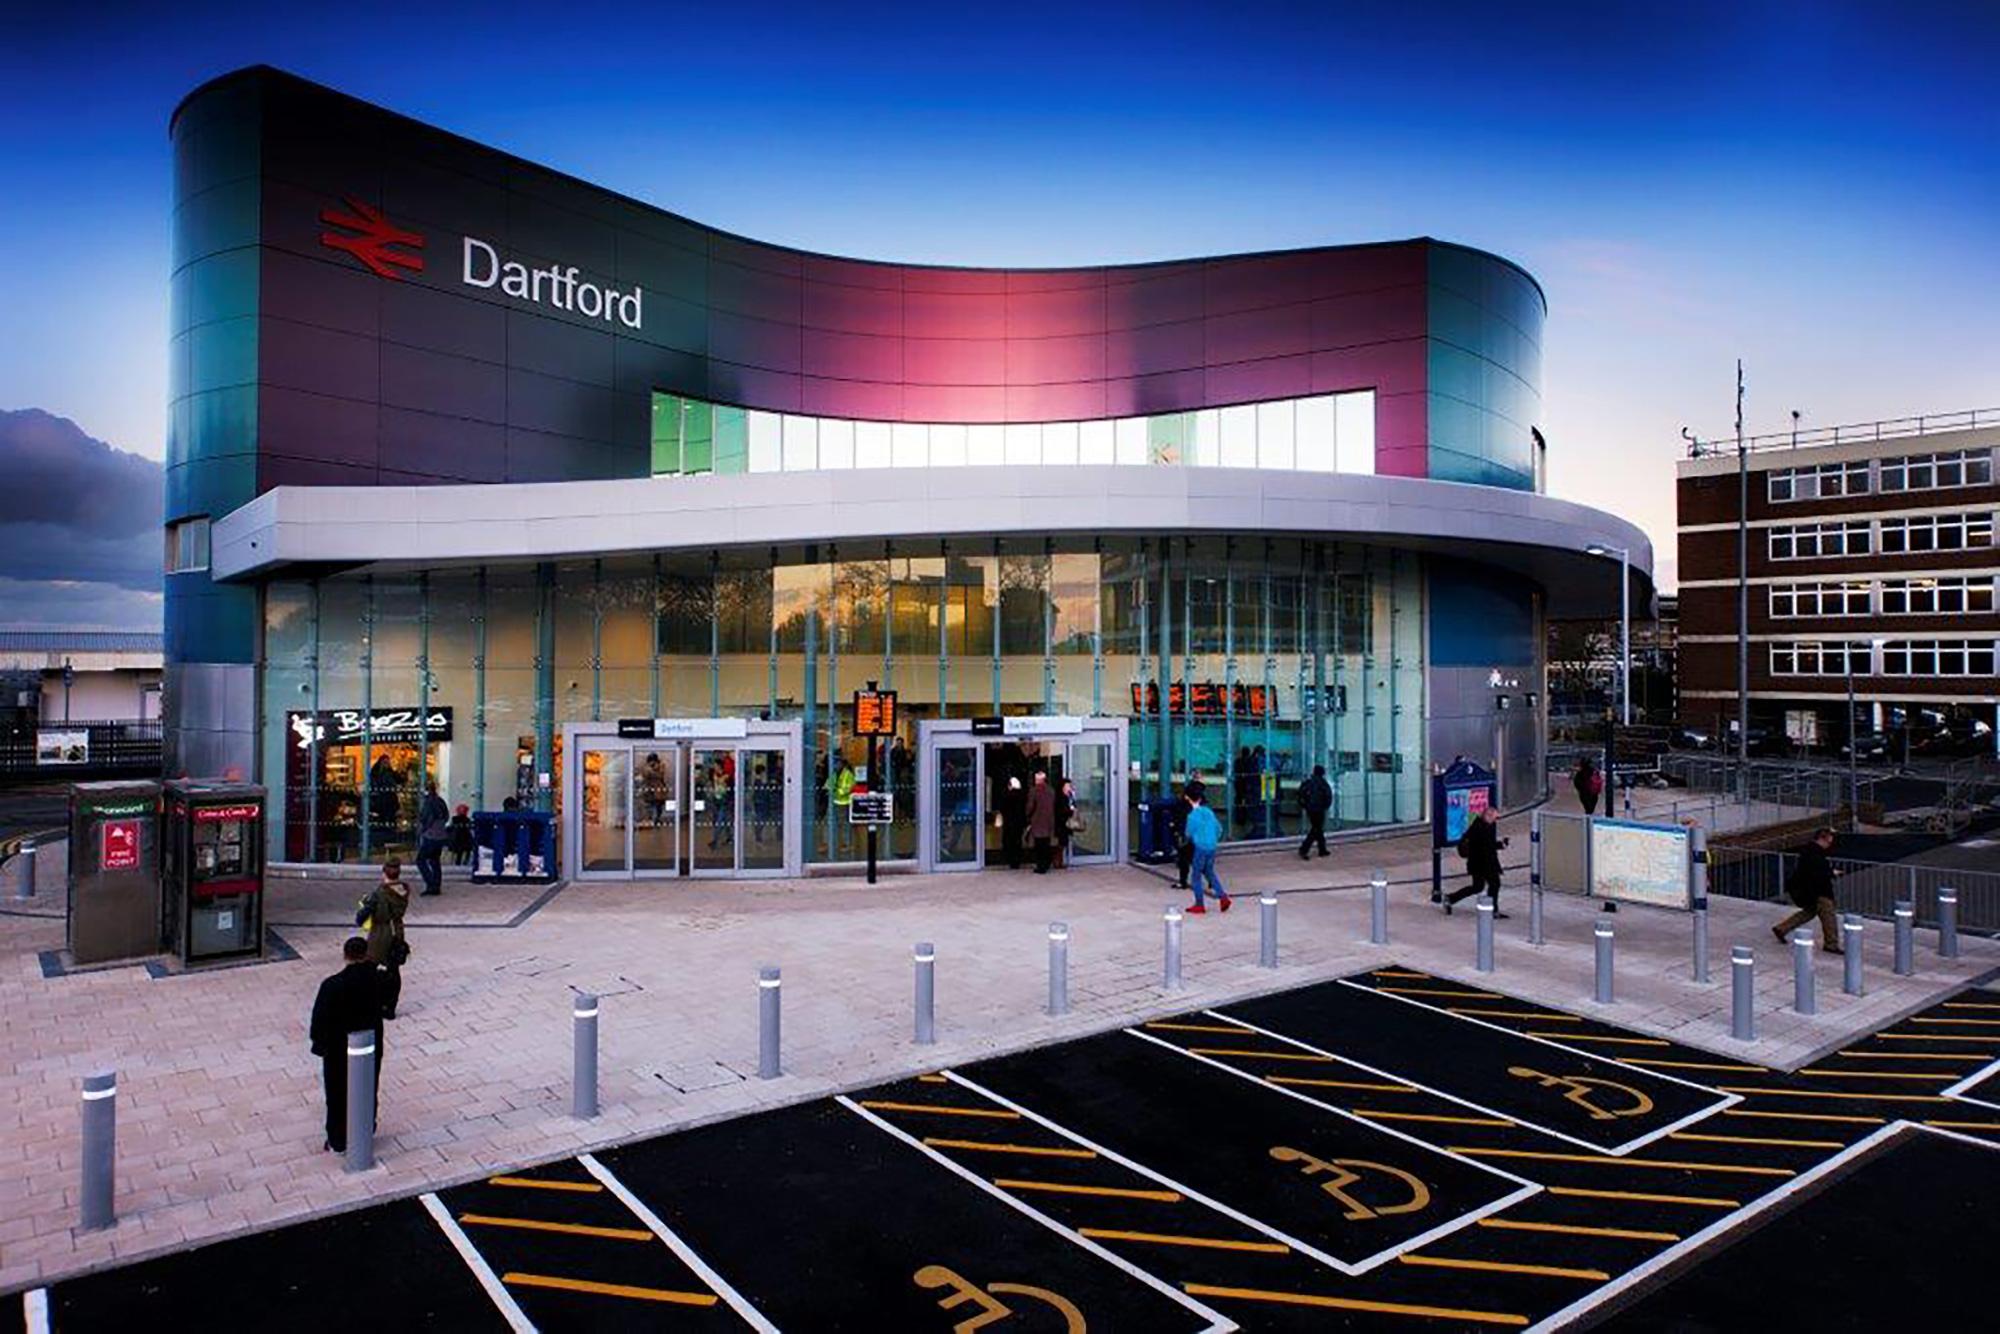 00-Dartford.jpg